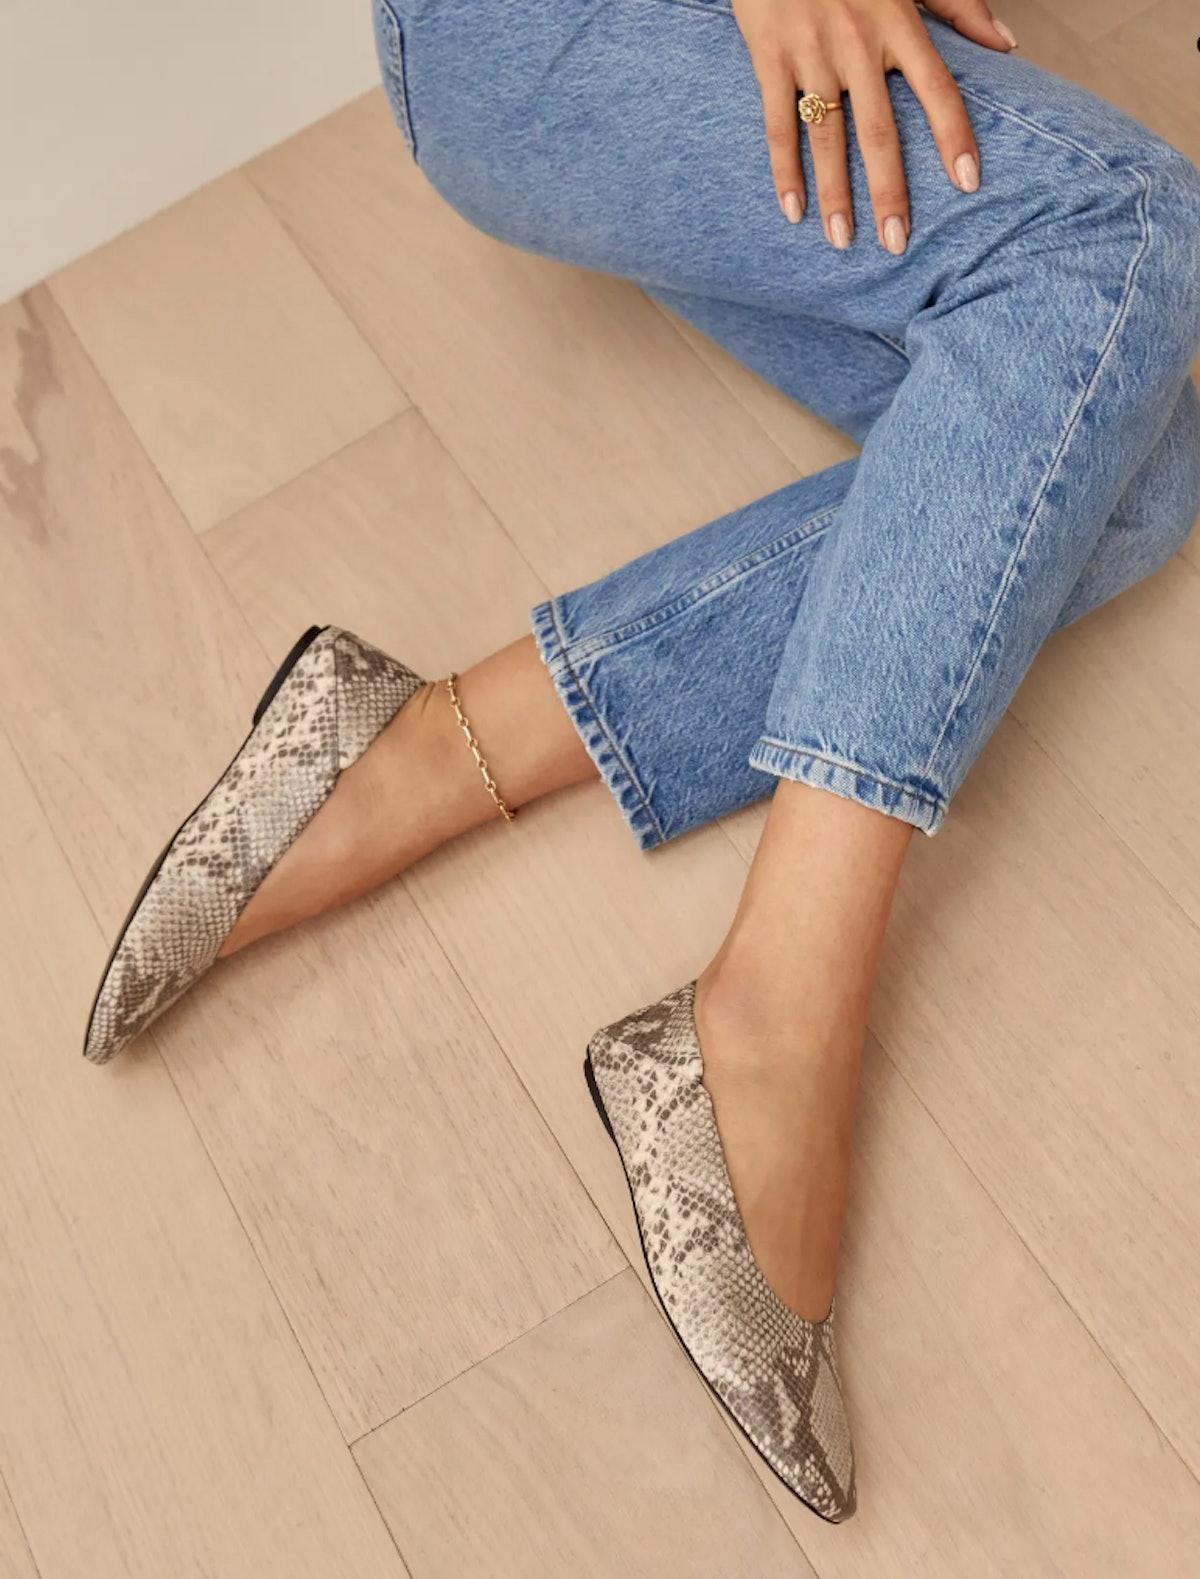 Reformation's Maja Soft Glove Flat Slipper in tan snake emboss.